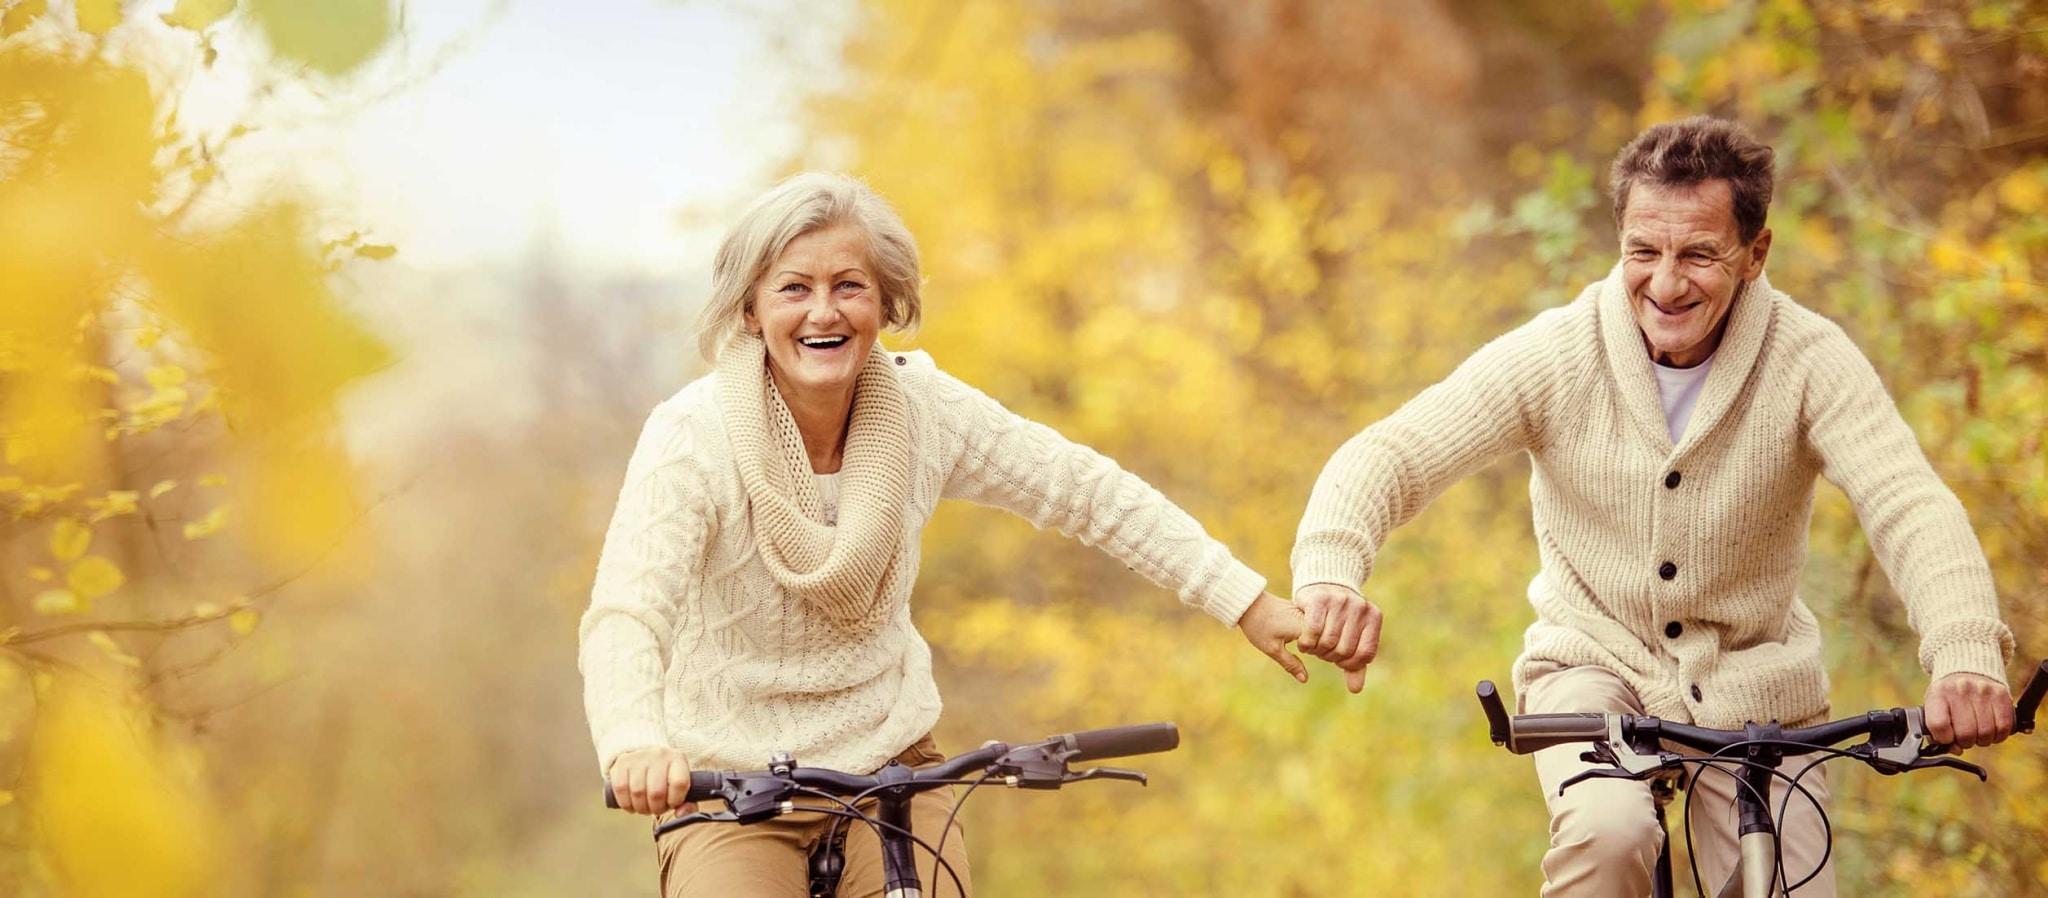 Grundsätzlich ist davon auszugehen, dass eine Kombination aus genetischer Veranlagung, z. B. in Hinblick auf die Zellalterung, Umwelteinflüsse, das soziale Umfeld sowie epigenetische Veränderungen, im Laufe des Lebens das Altern beeinflusst.